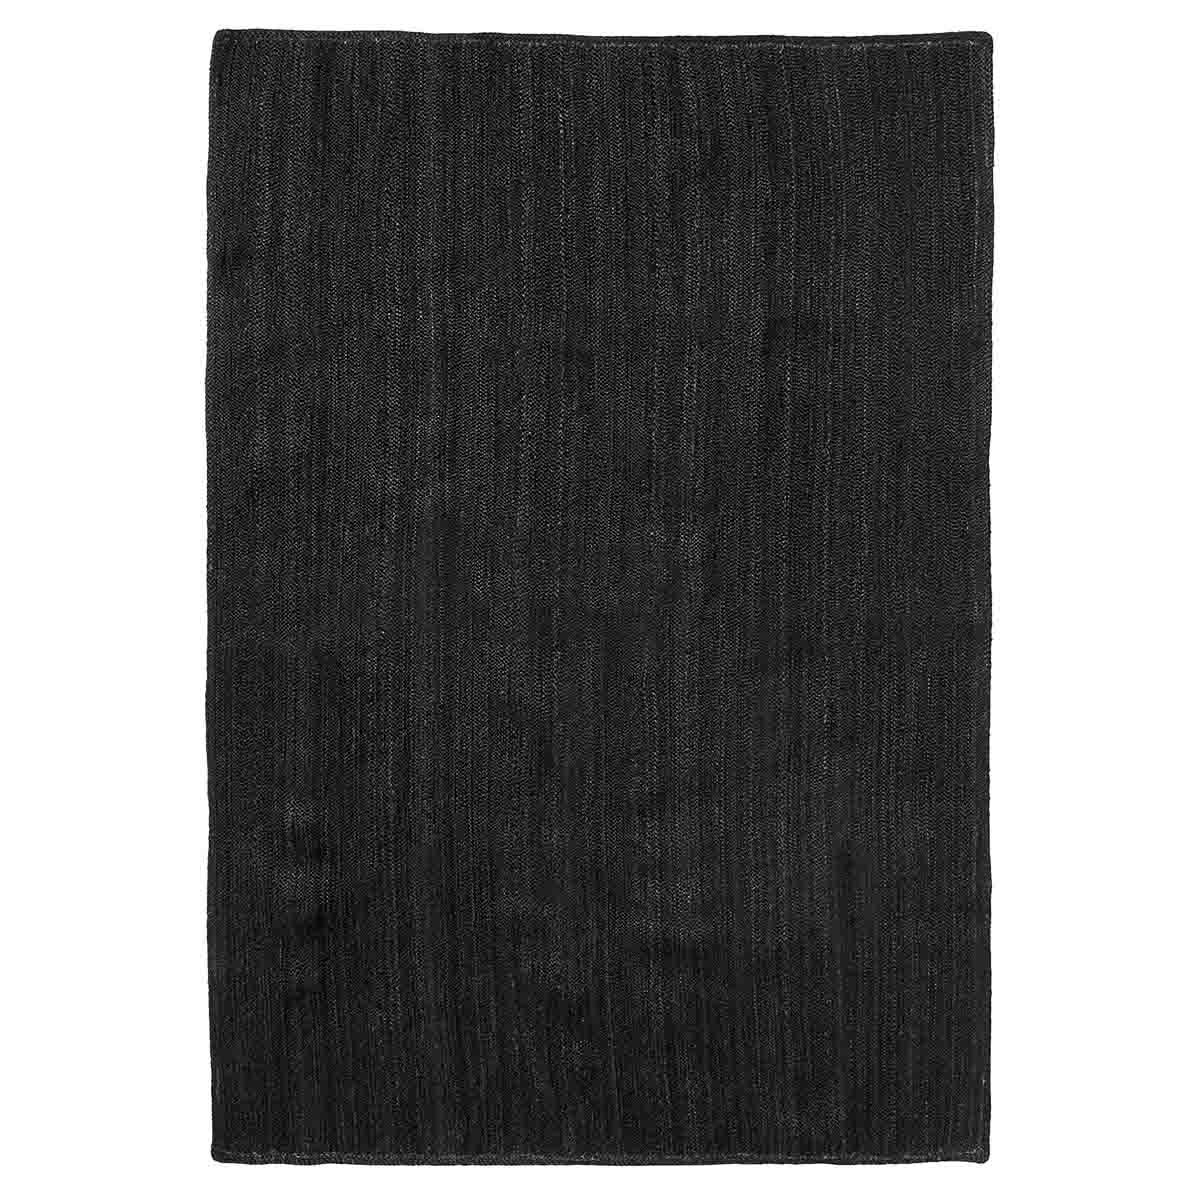 Image of   Nordal Jute gulvtæppe sort 160x240 cm